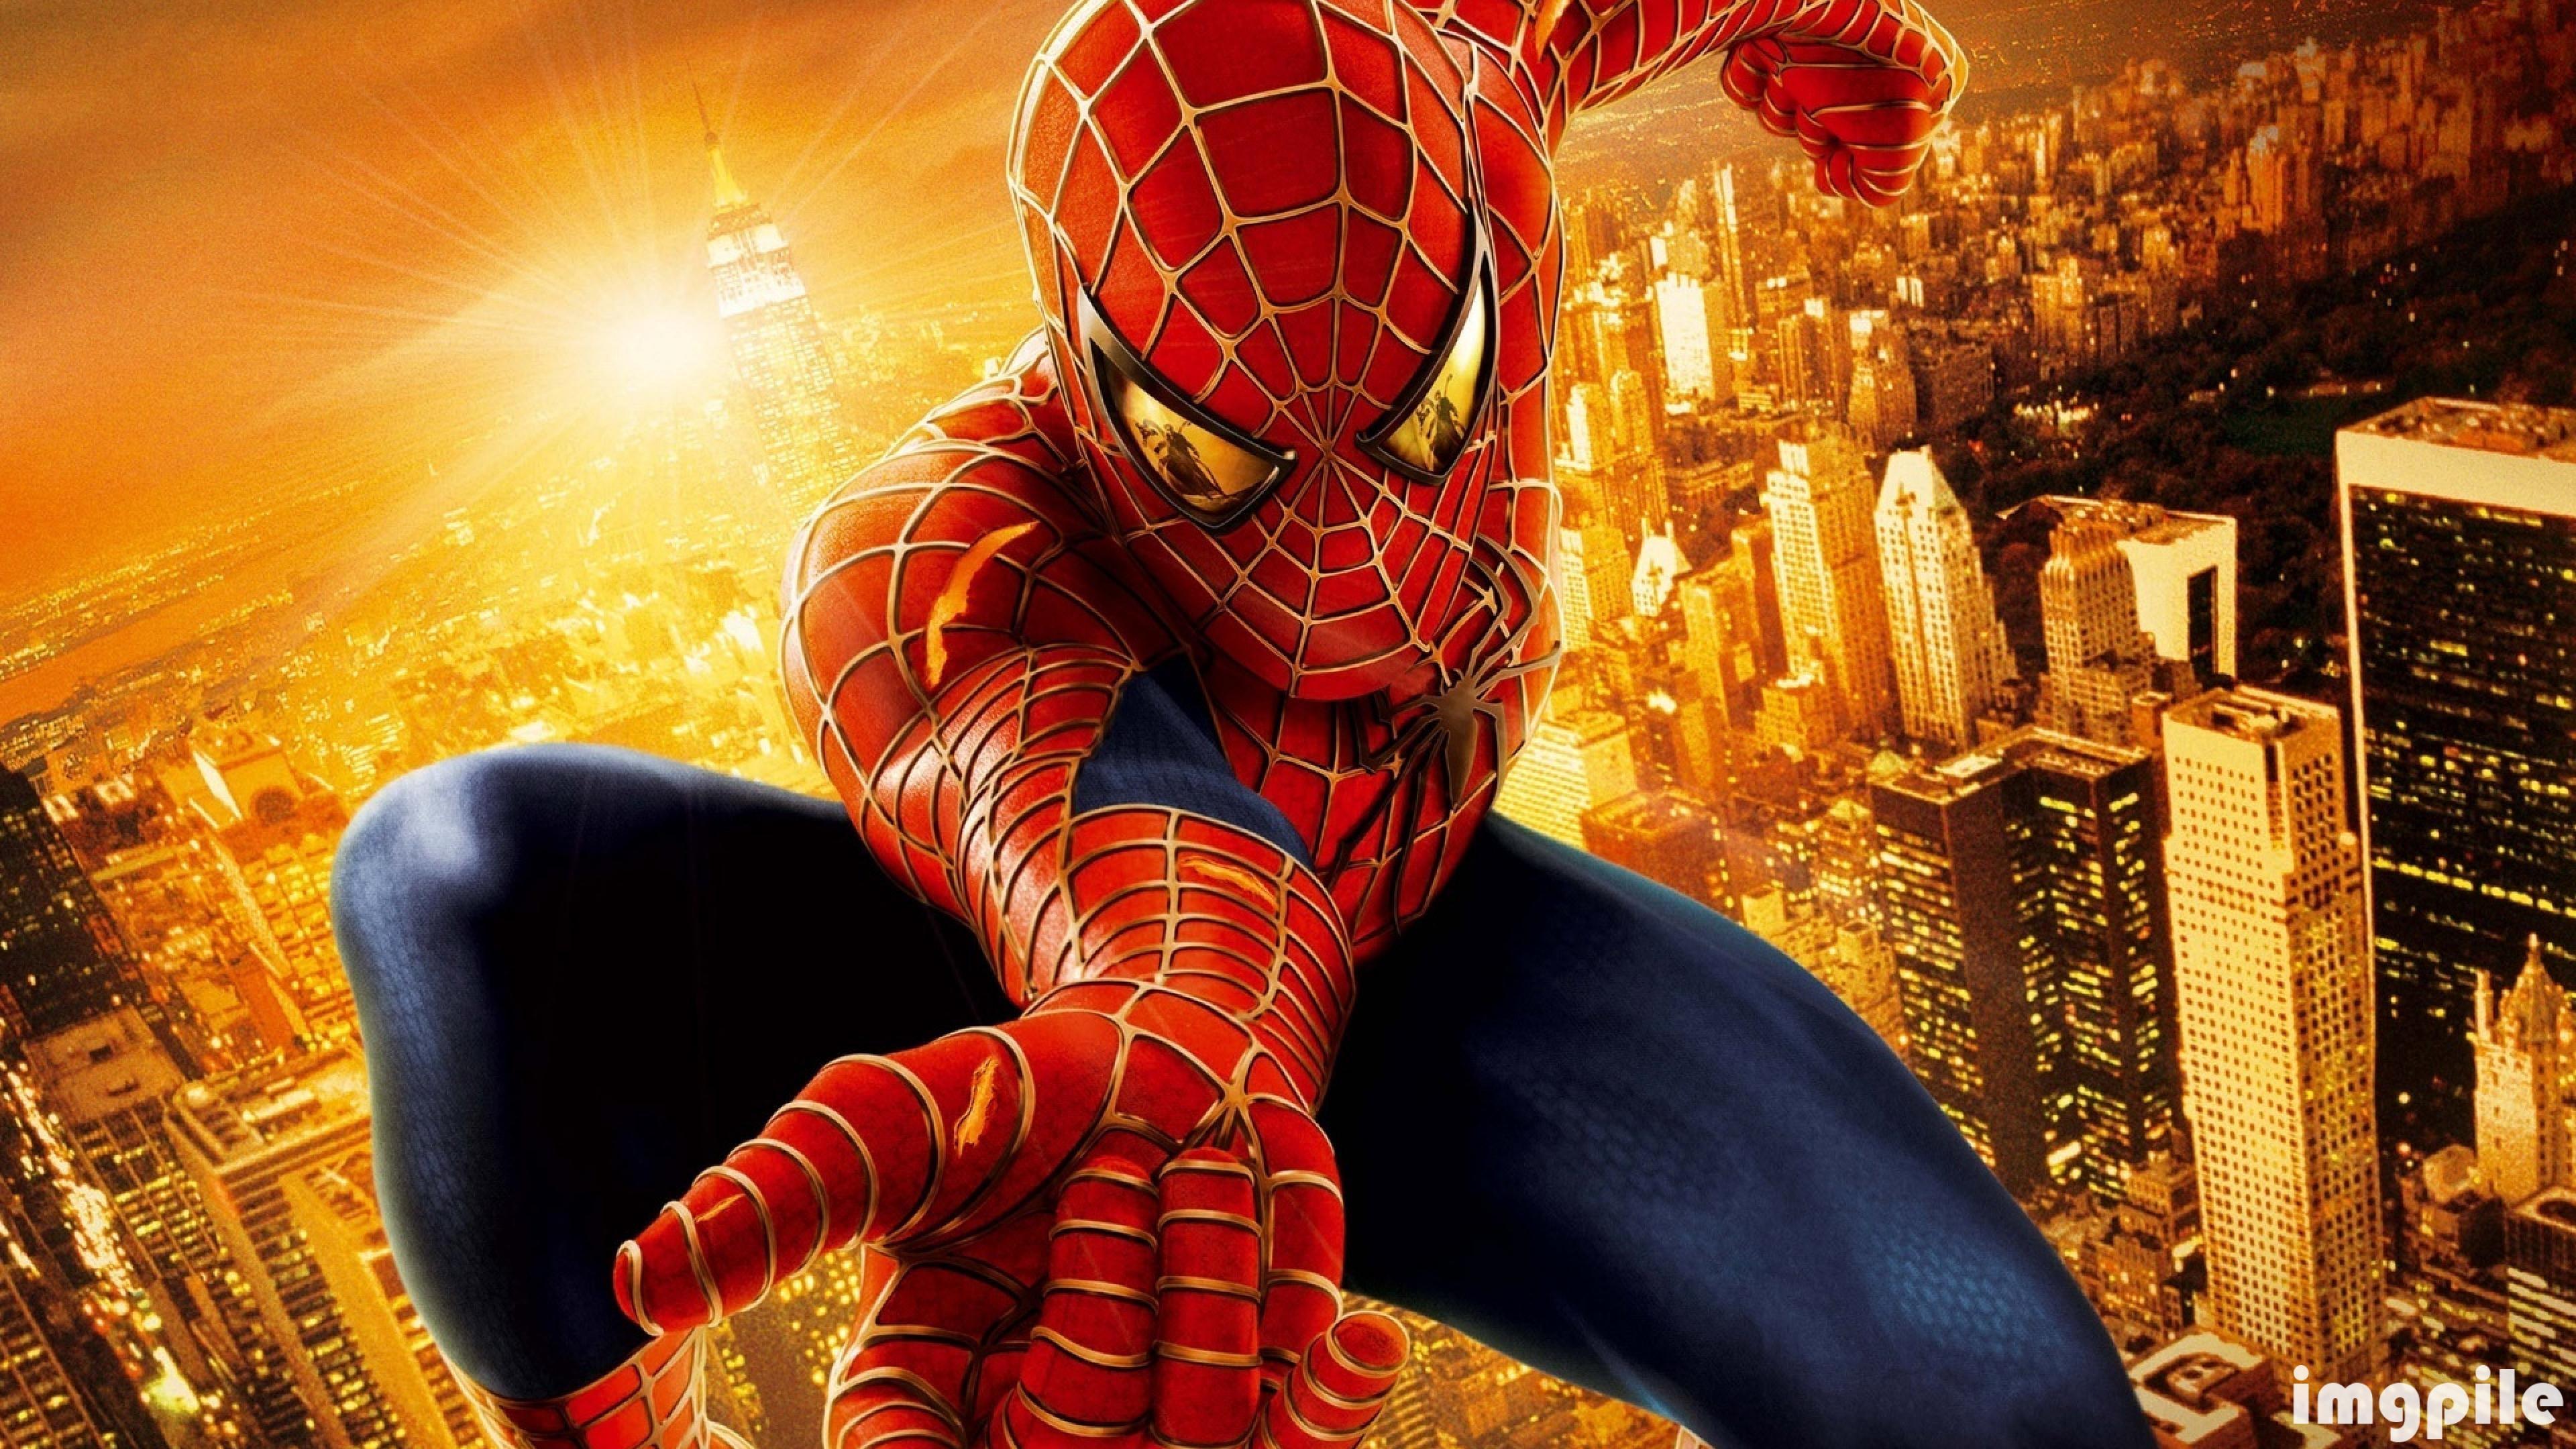 Superhero 4K movie wallpaper 21   ImgPile 3840x2160